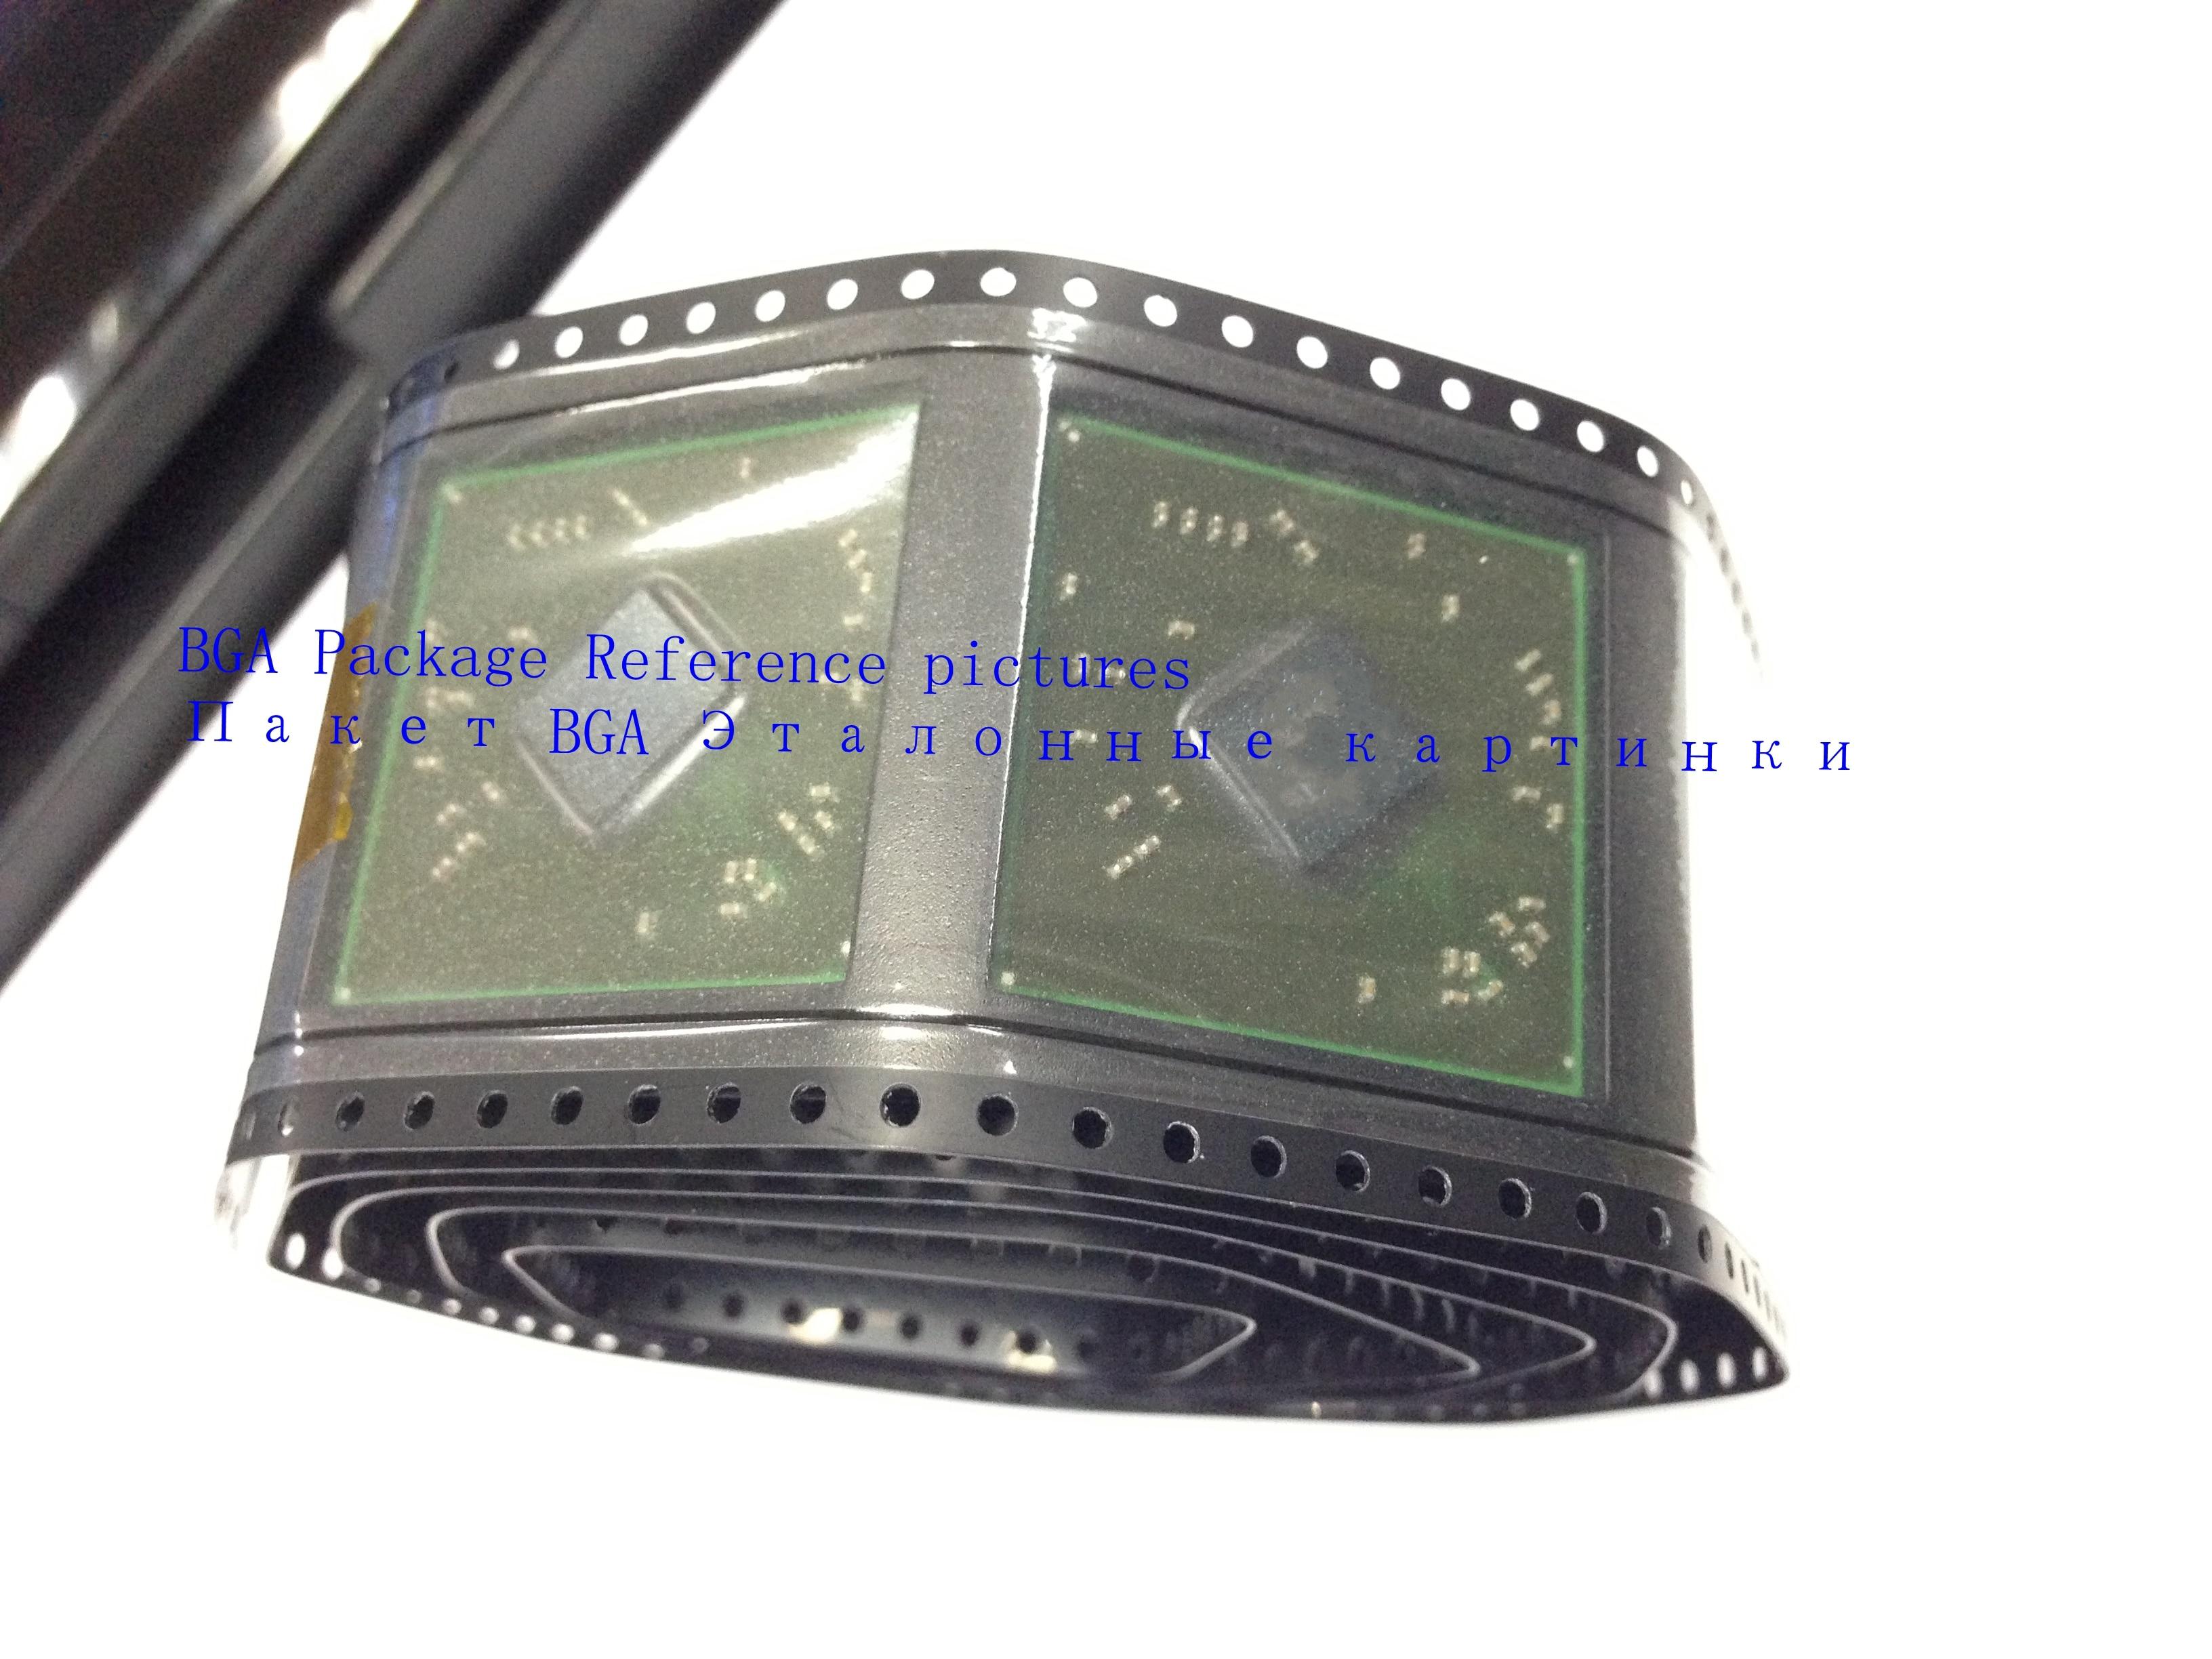 1pcs/lot 100% test very good product SR2Z7 N3350 bga chip reball with balls IC chips1pcs/lot 100% test very good product SR2Z7 N3350 bga chip reball with balls IC chips